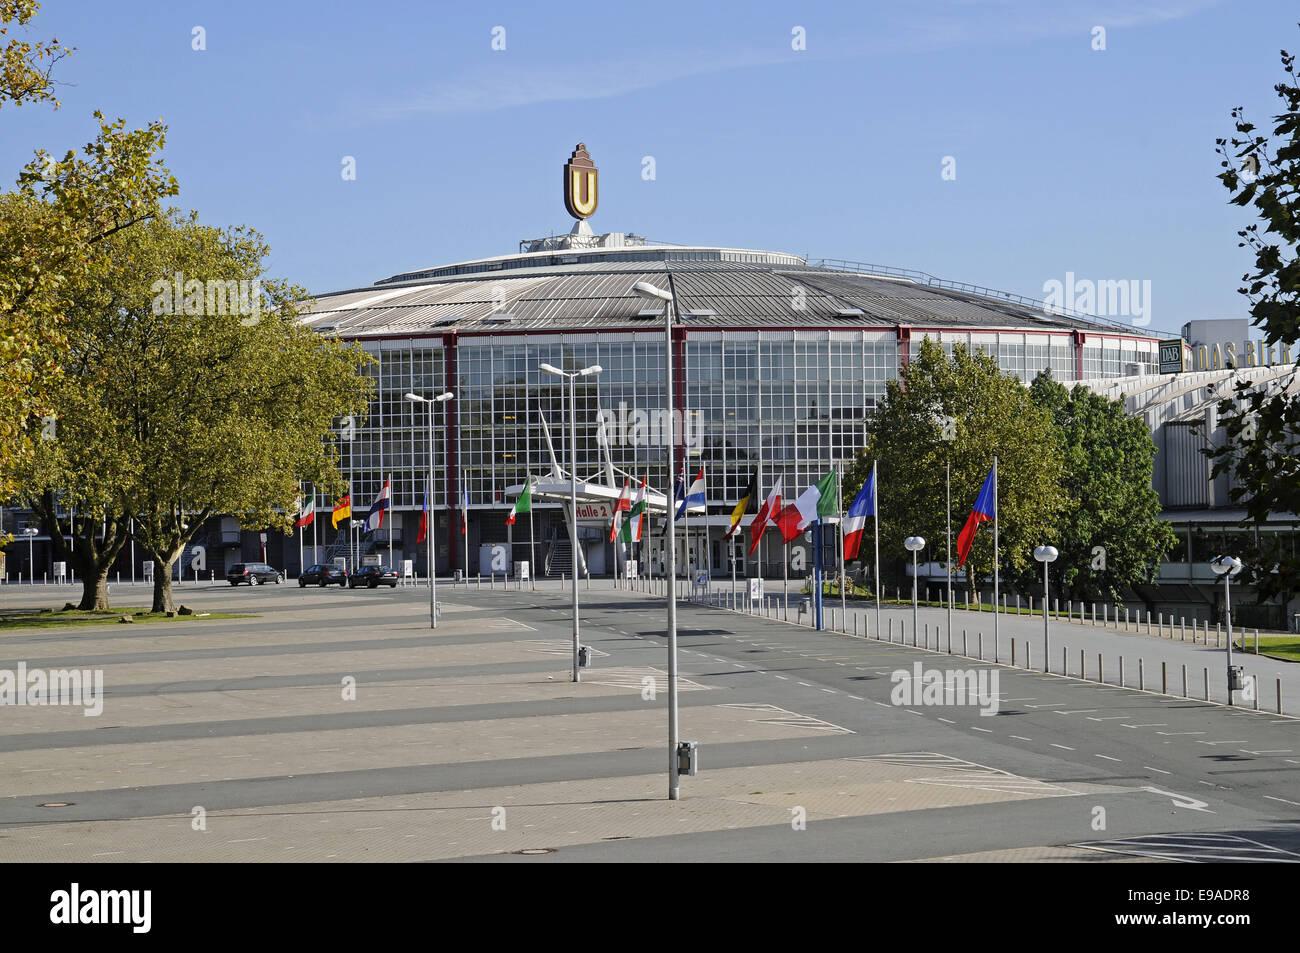 Westfalenhallen, Dortmund, Germany - Stock Image